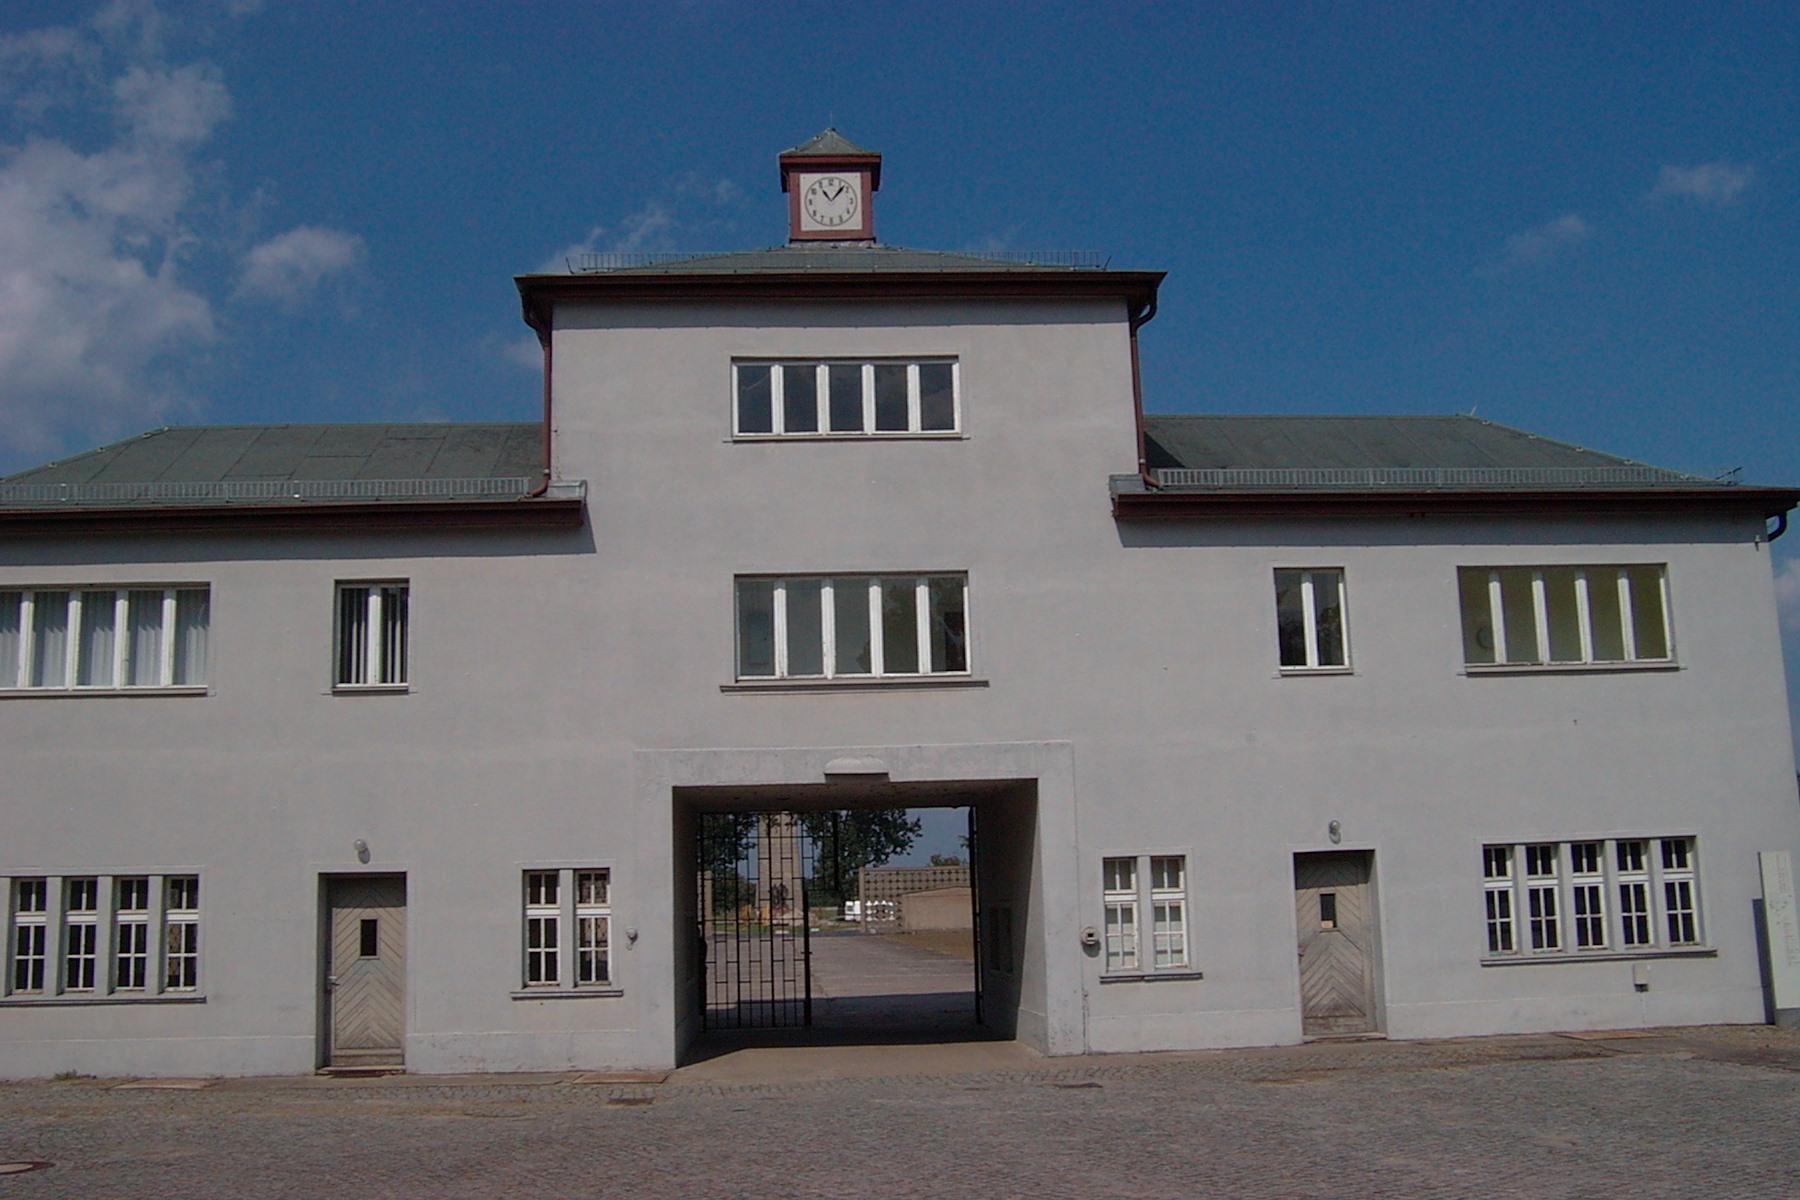 guidade turer i Sachsenhausen koncentrationsläger utanför Berlin